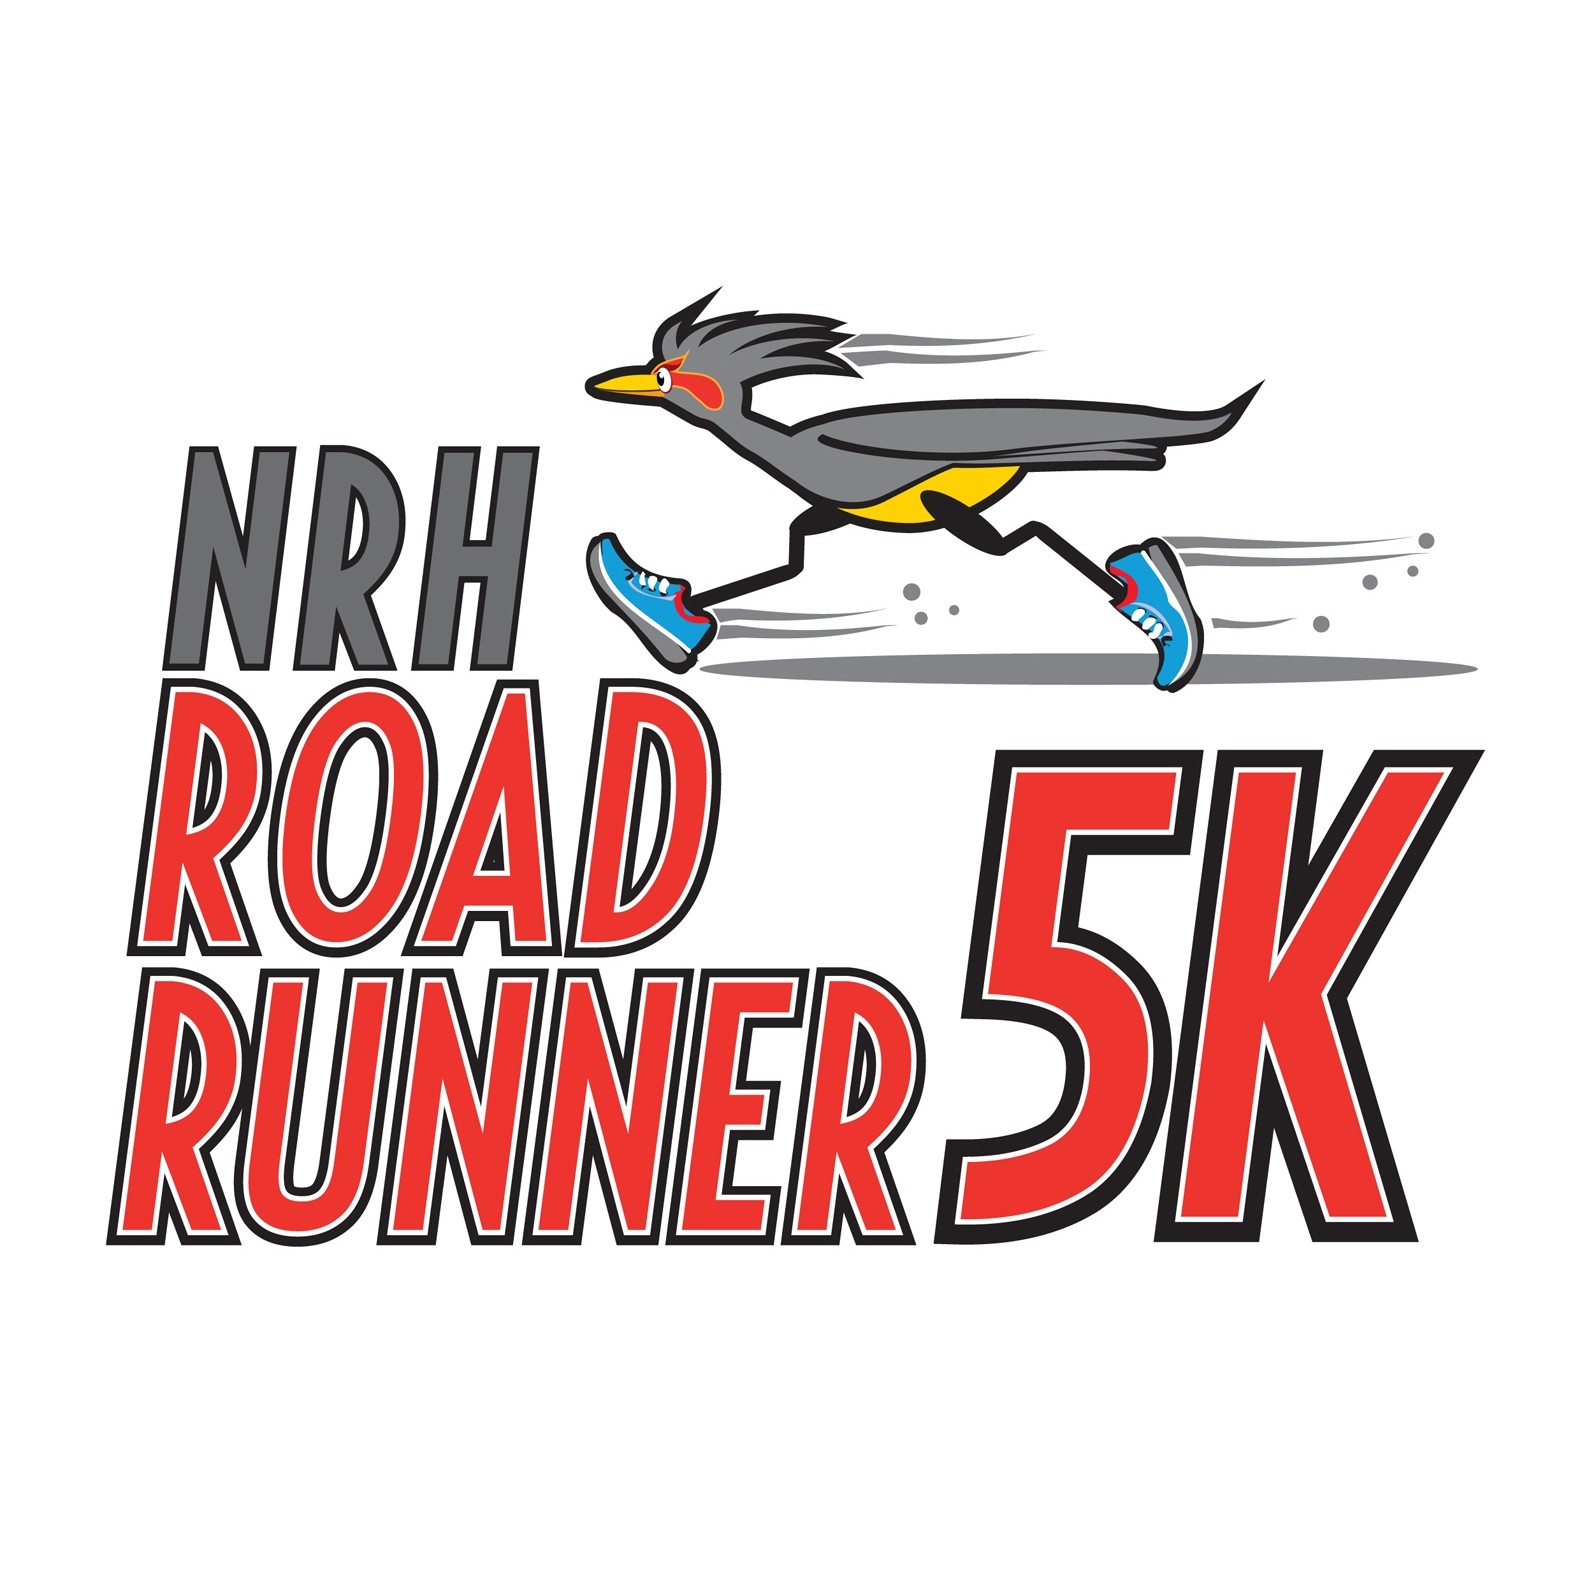 NHR Road Runner 5K